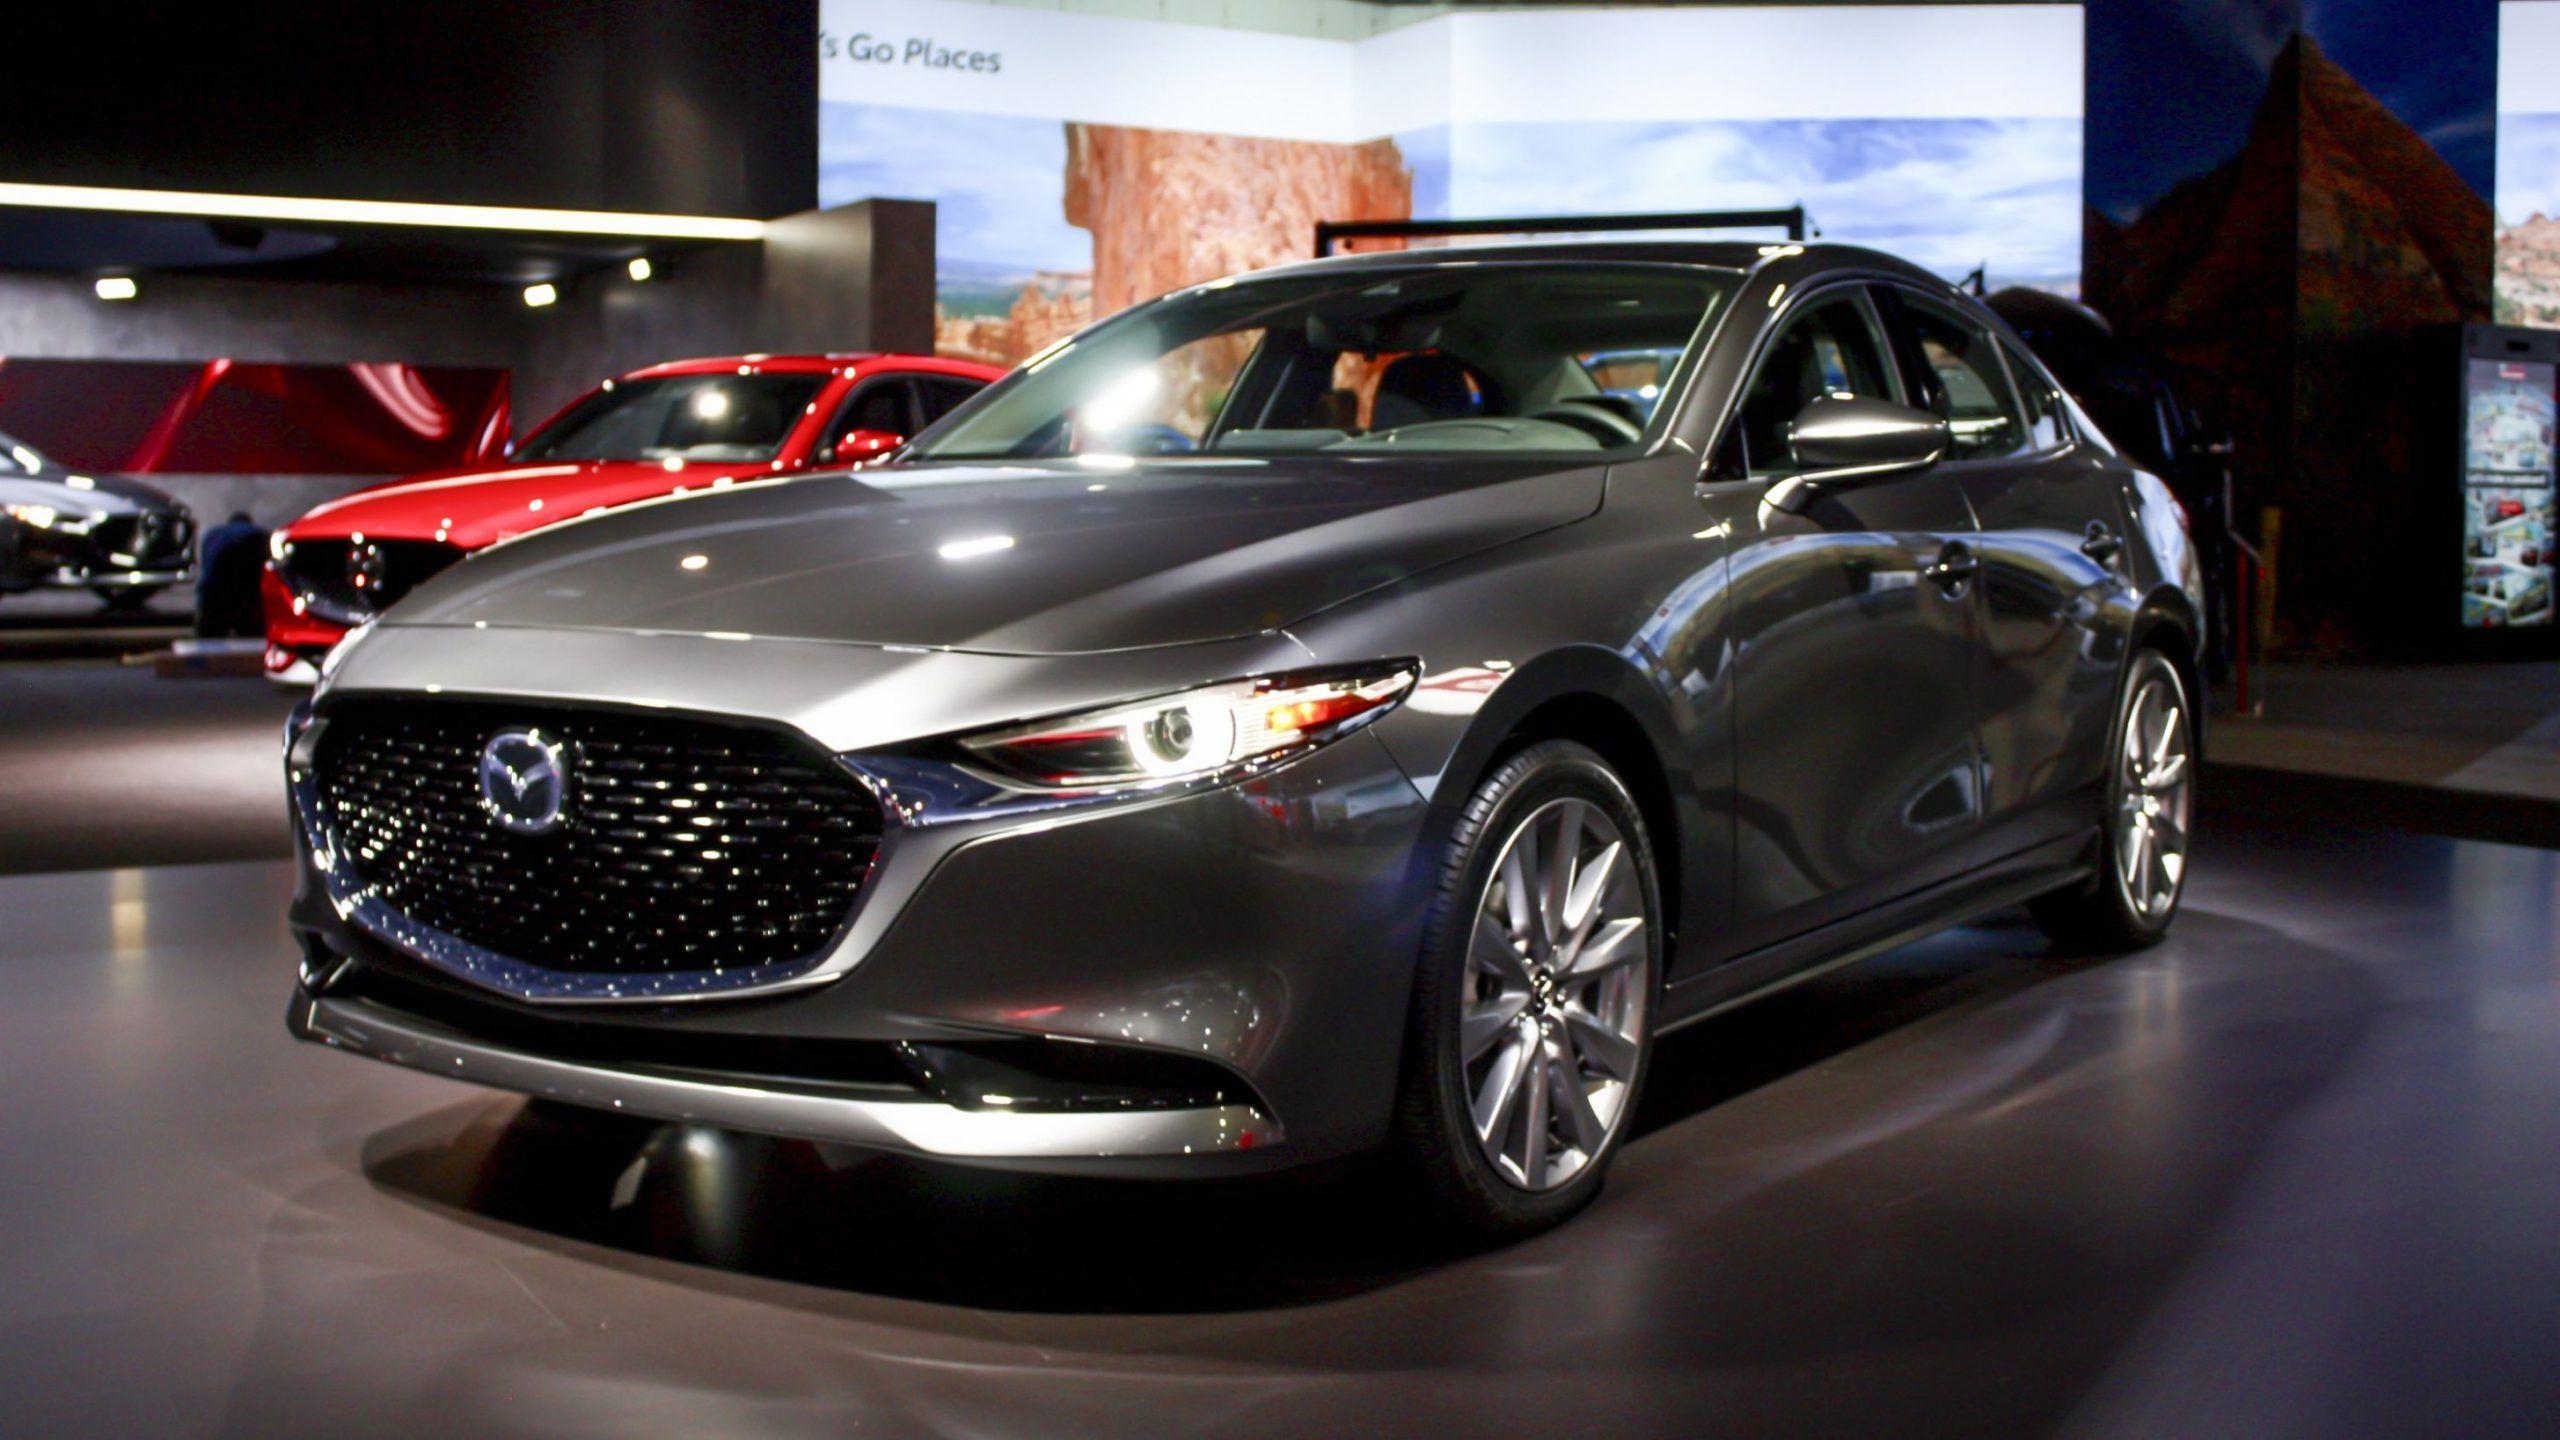 Mazda 3 Grand Touring 2021 Performance And New Engine In 2020 Mazda 3 Sedan Mazda Mazda Cars